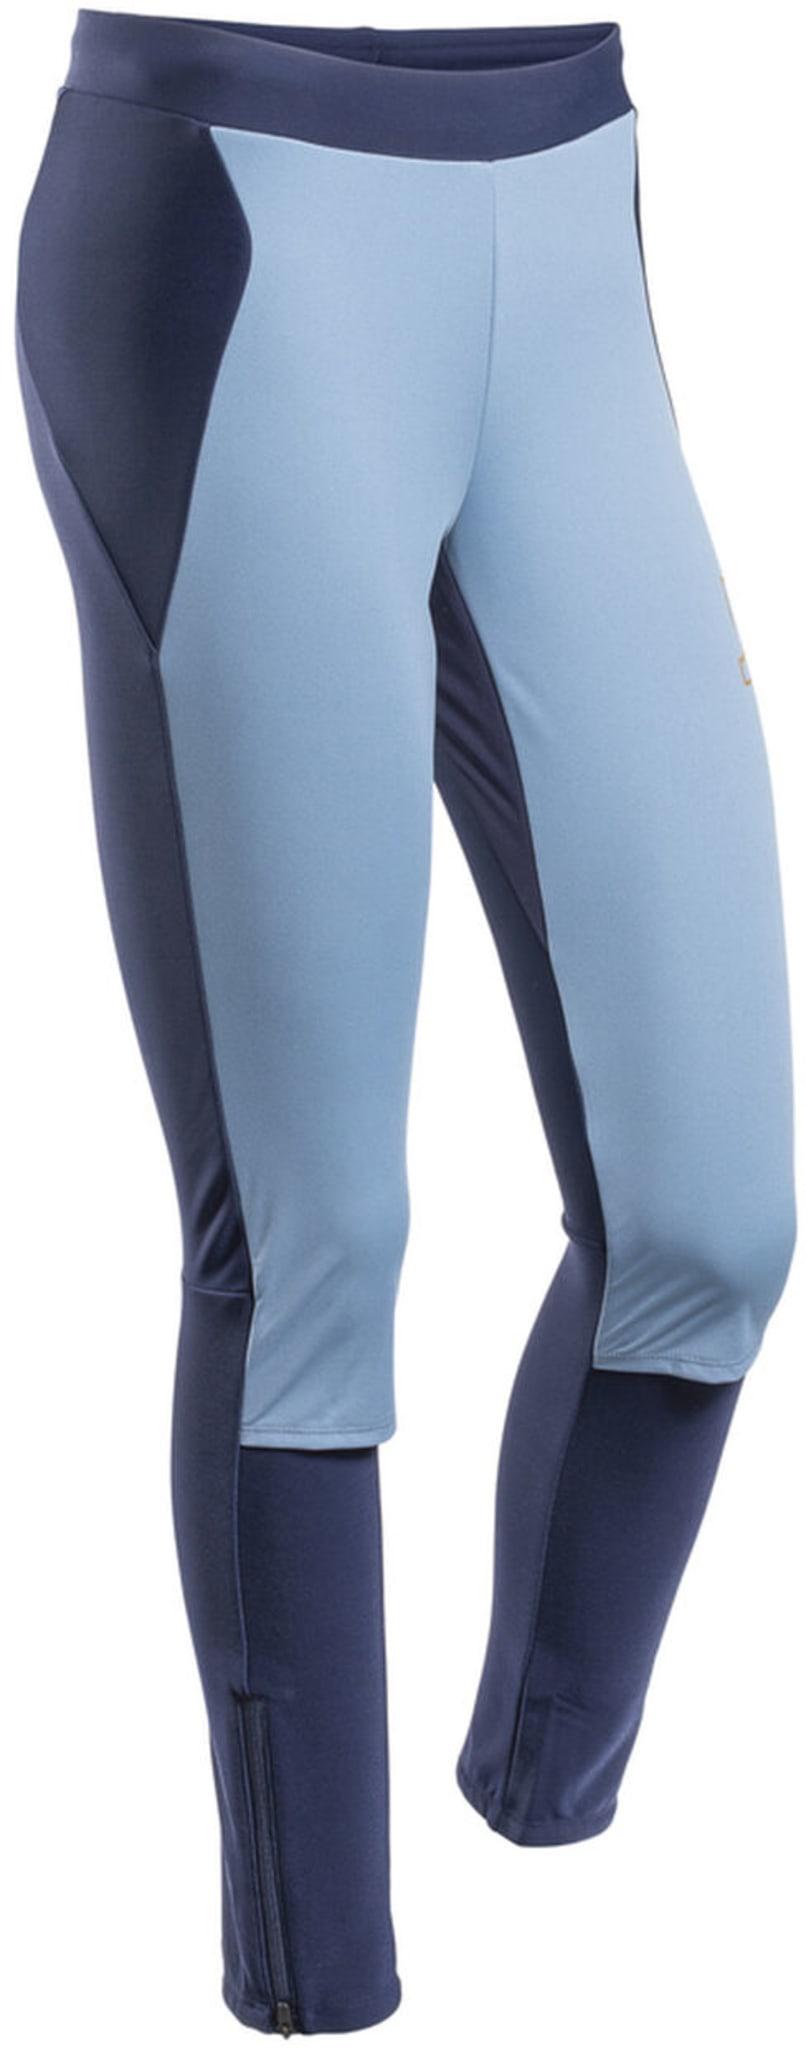 Lette og tekniske bukser for langrenn eller andre vinteraktiviteter